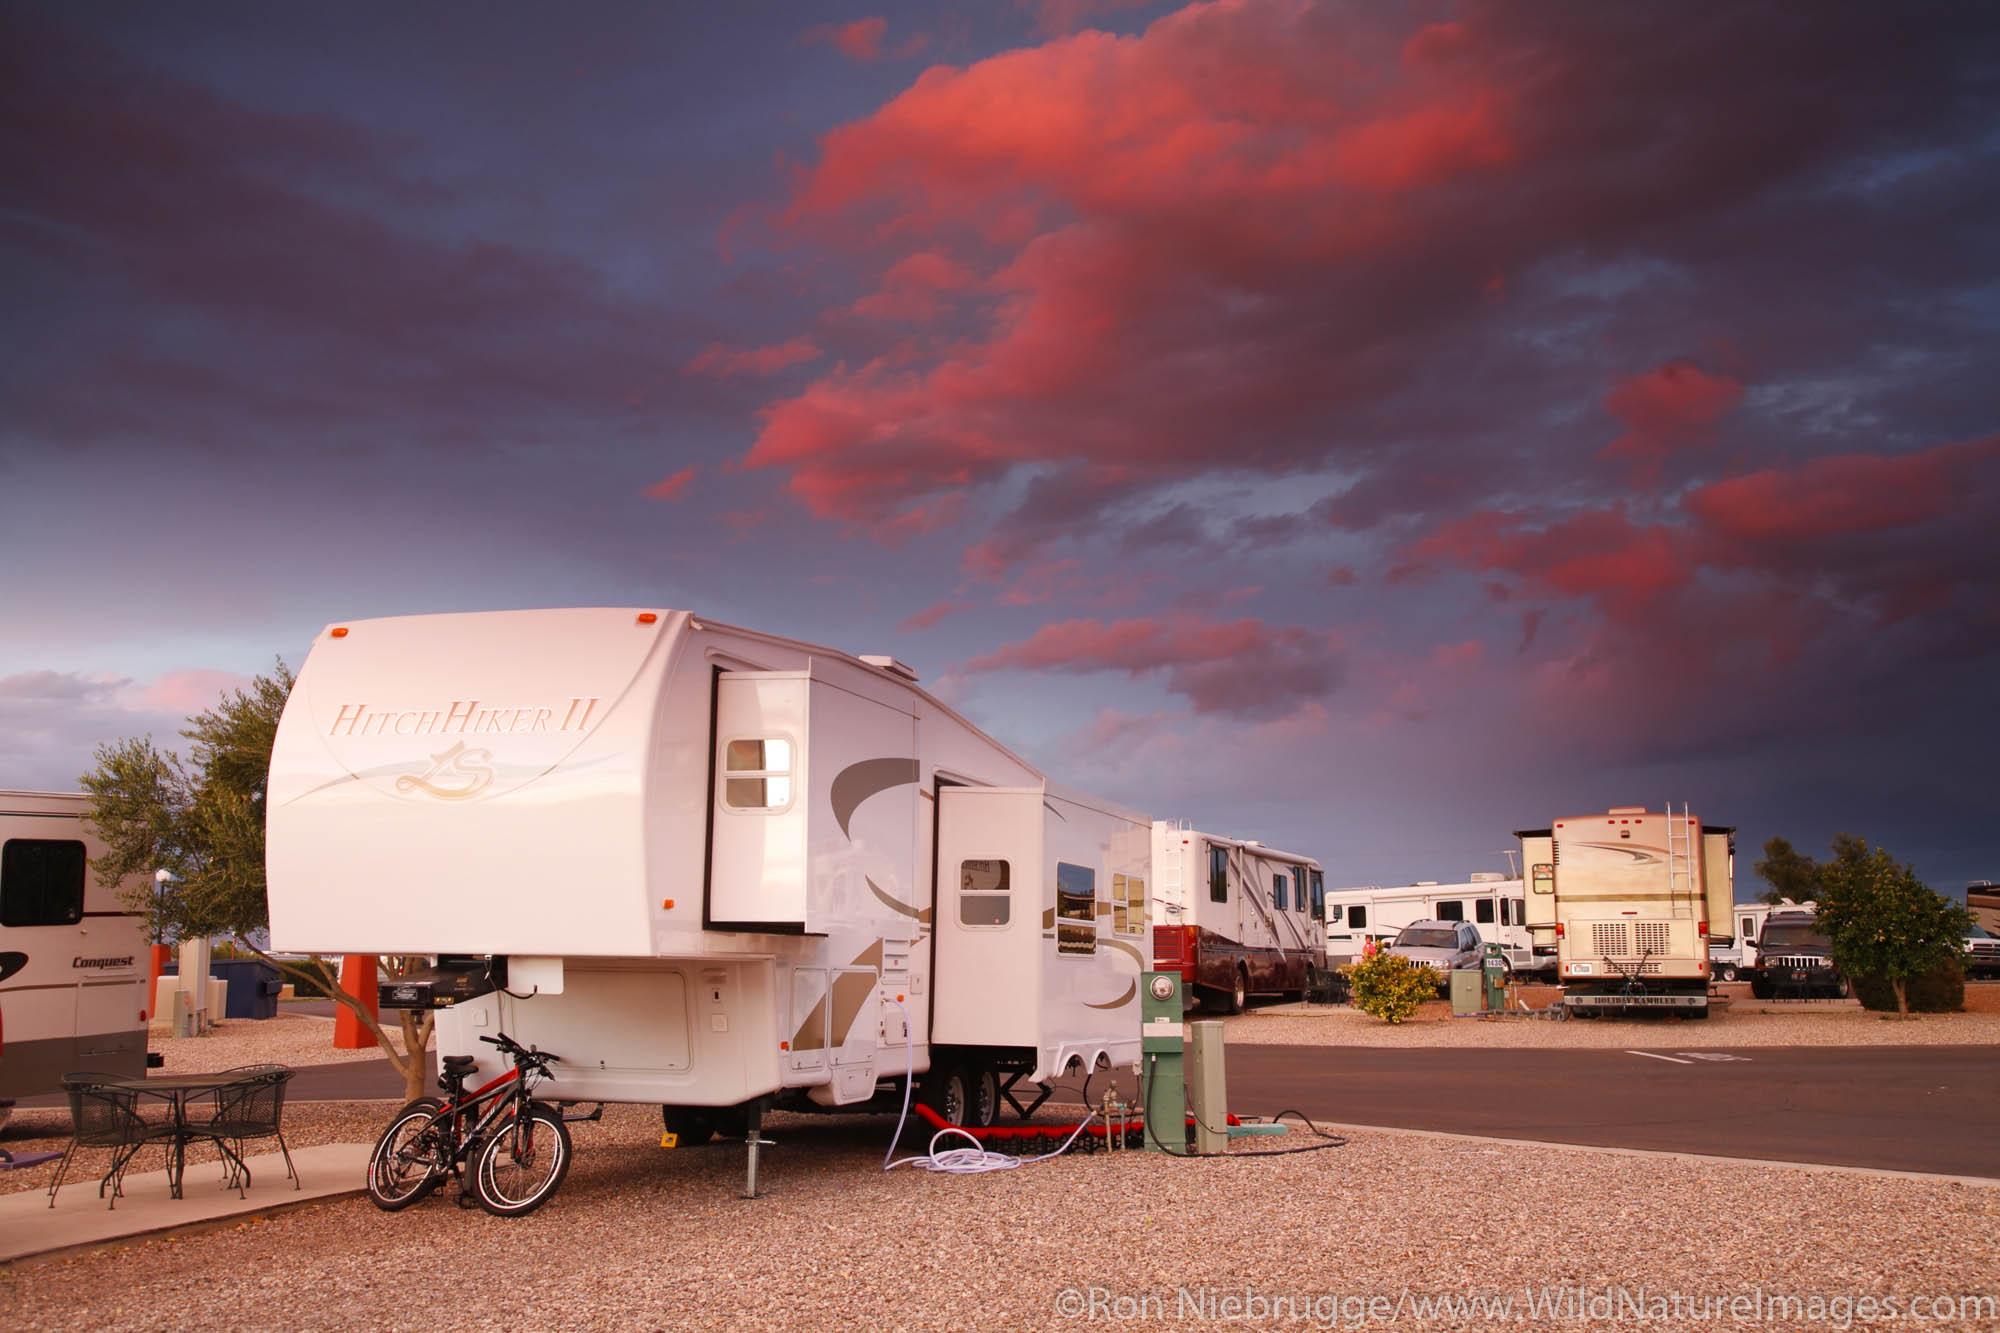 Sunset at Beaudry RV Resort, Tucson, Arizona.